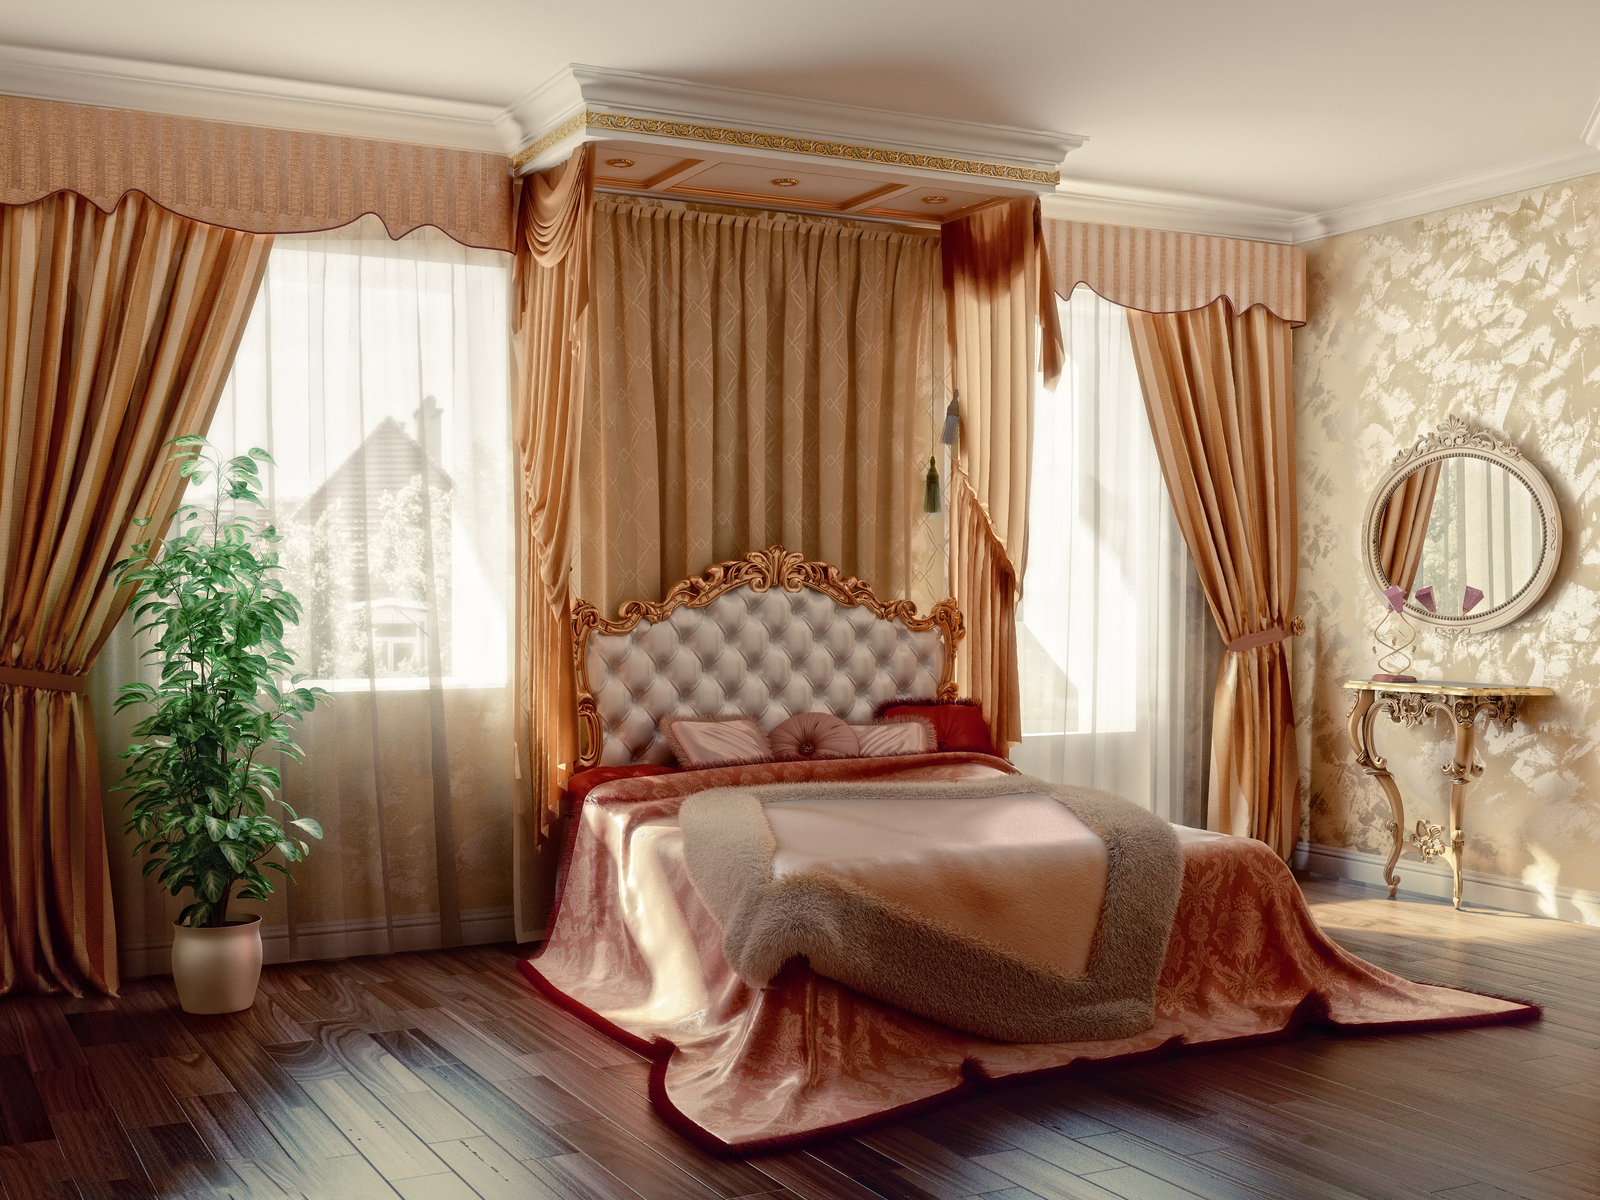 Правильно подобранные шторы — путь к хорошему отдыху и крепкому сну (1 фото)